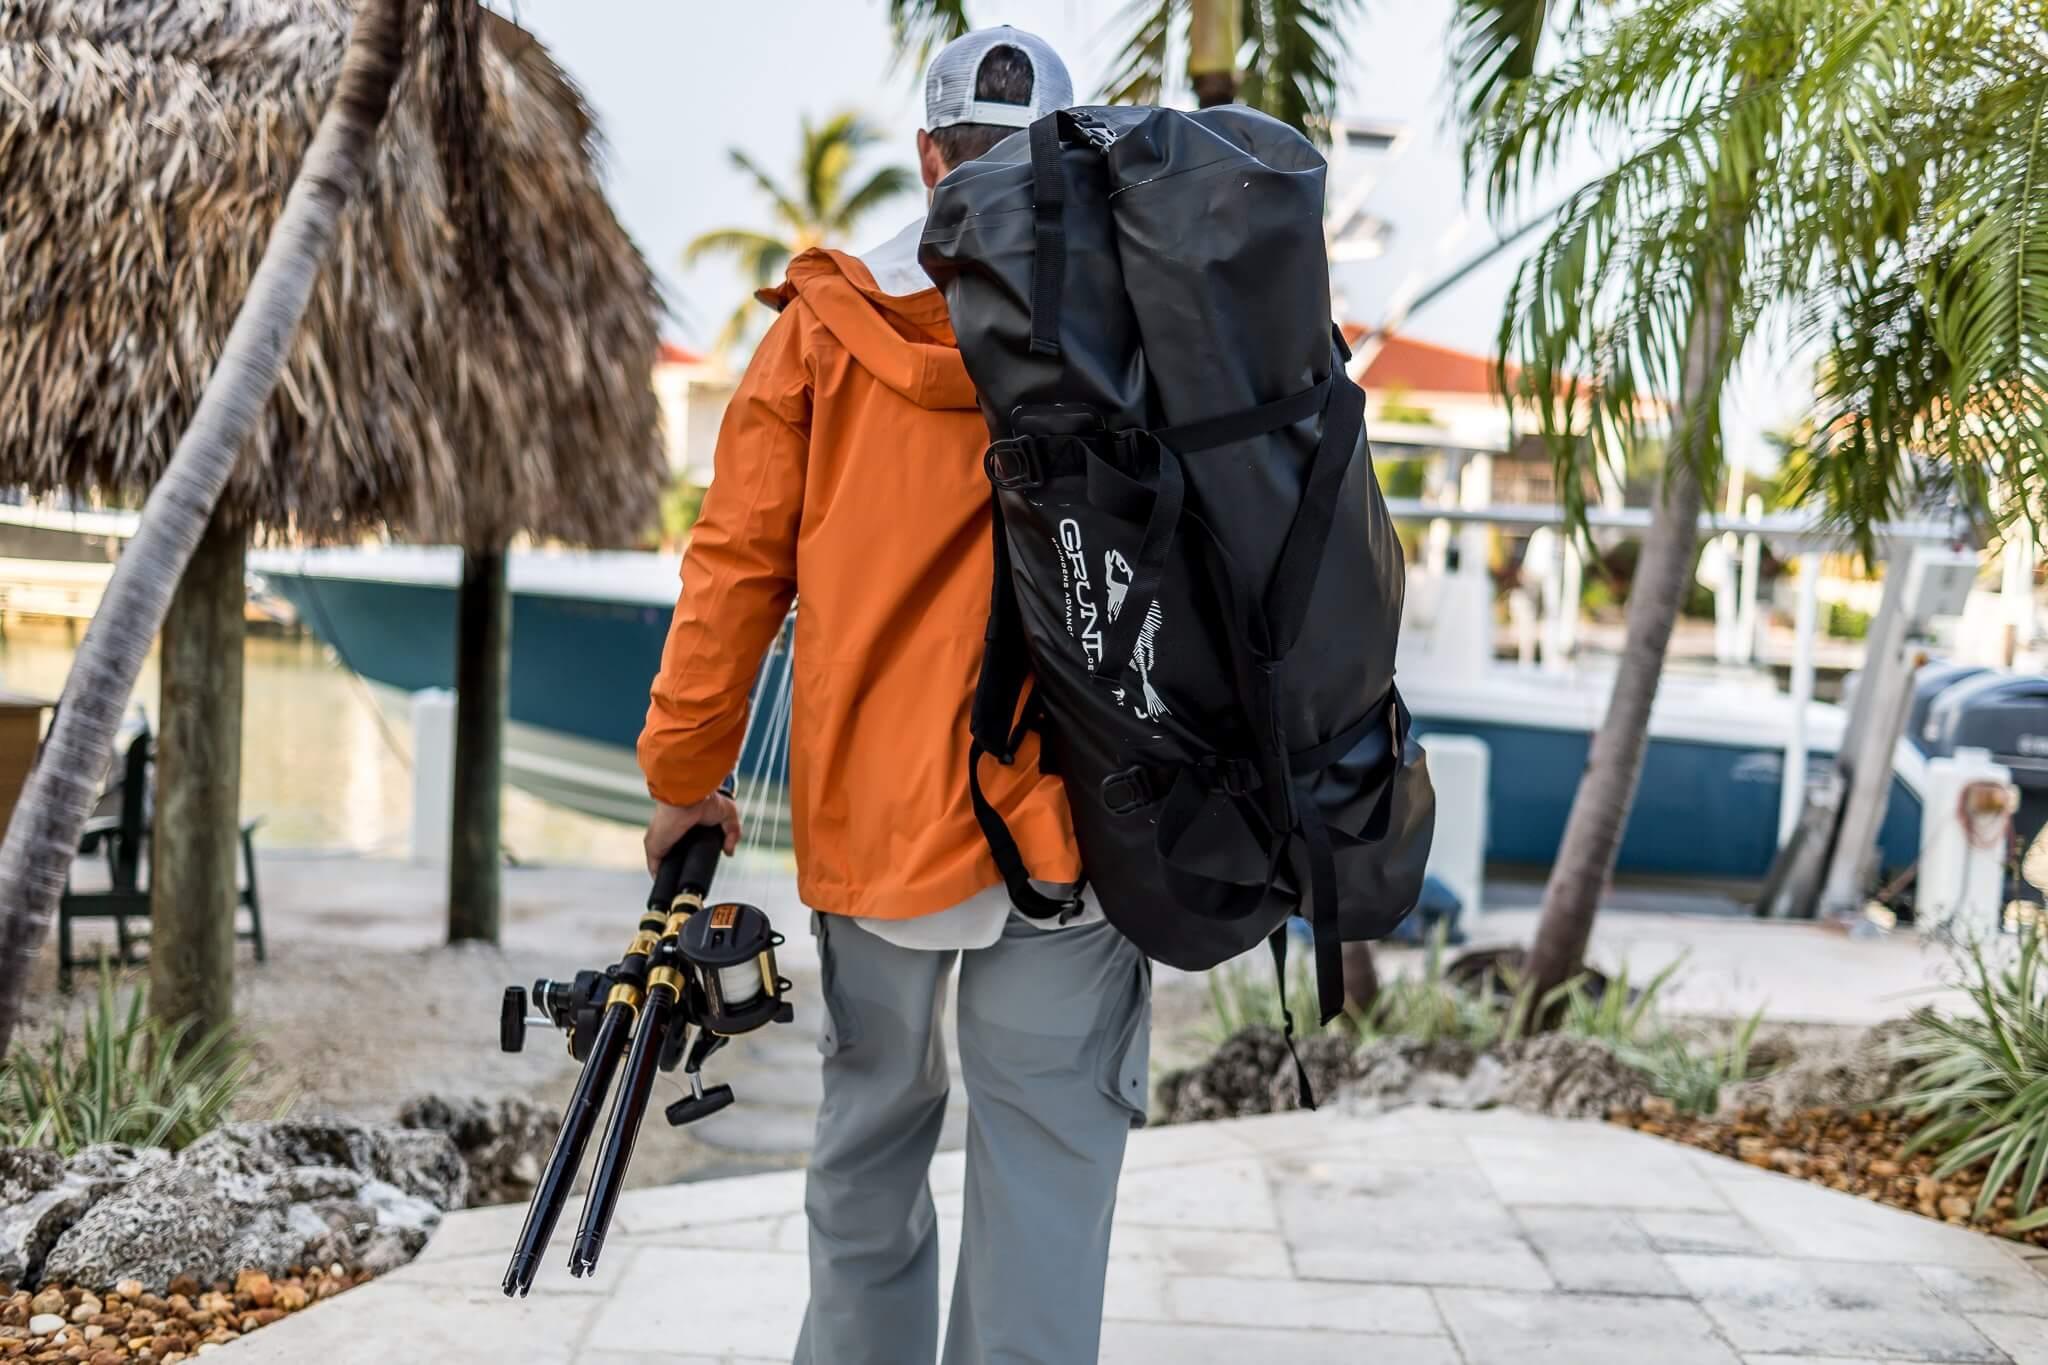 Man wearing technical gear